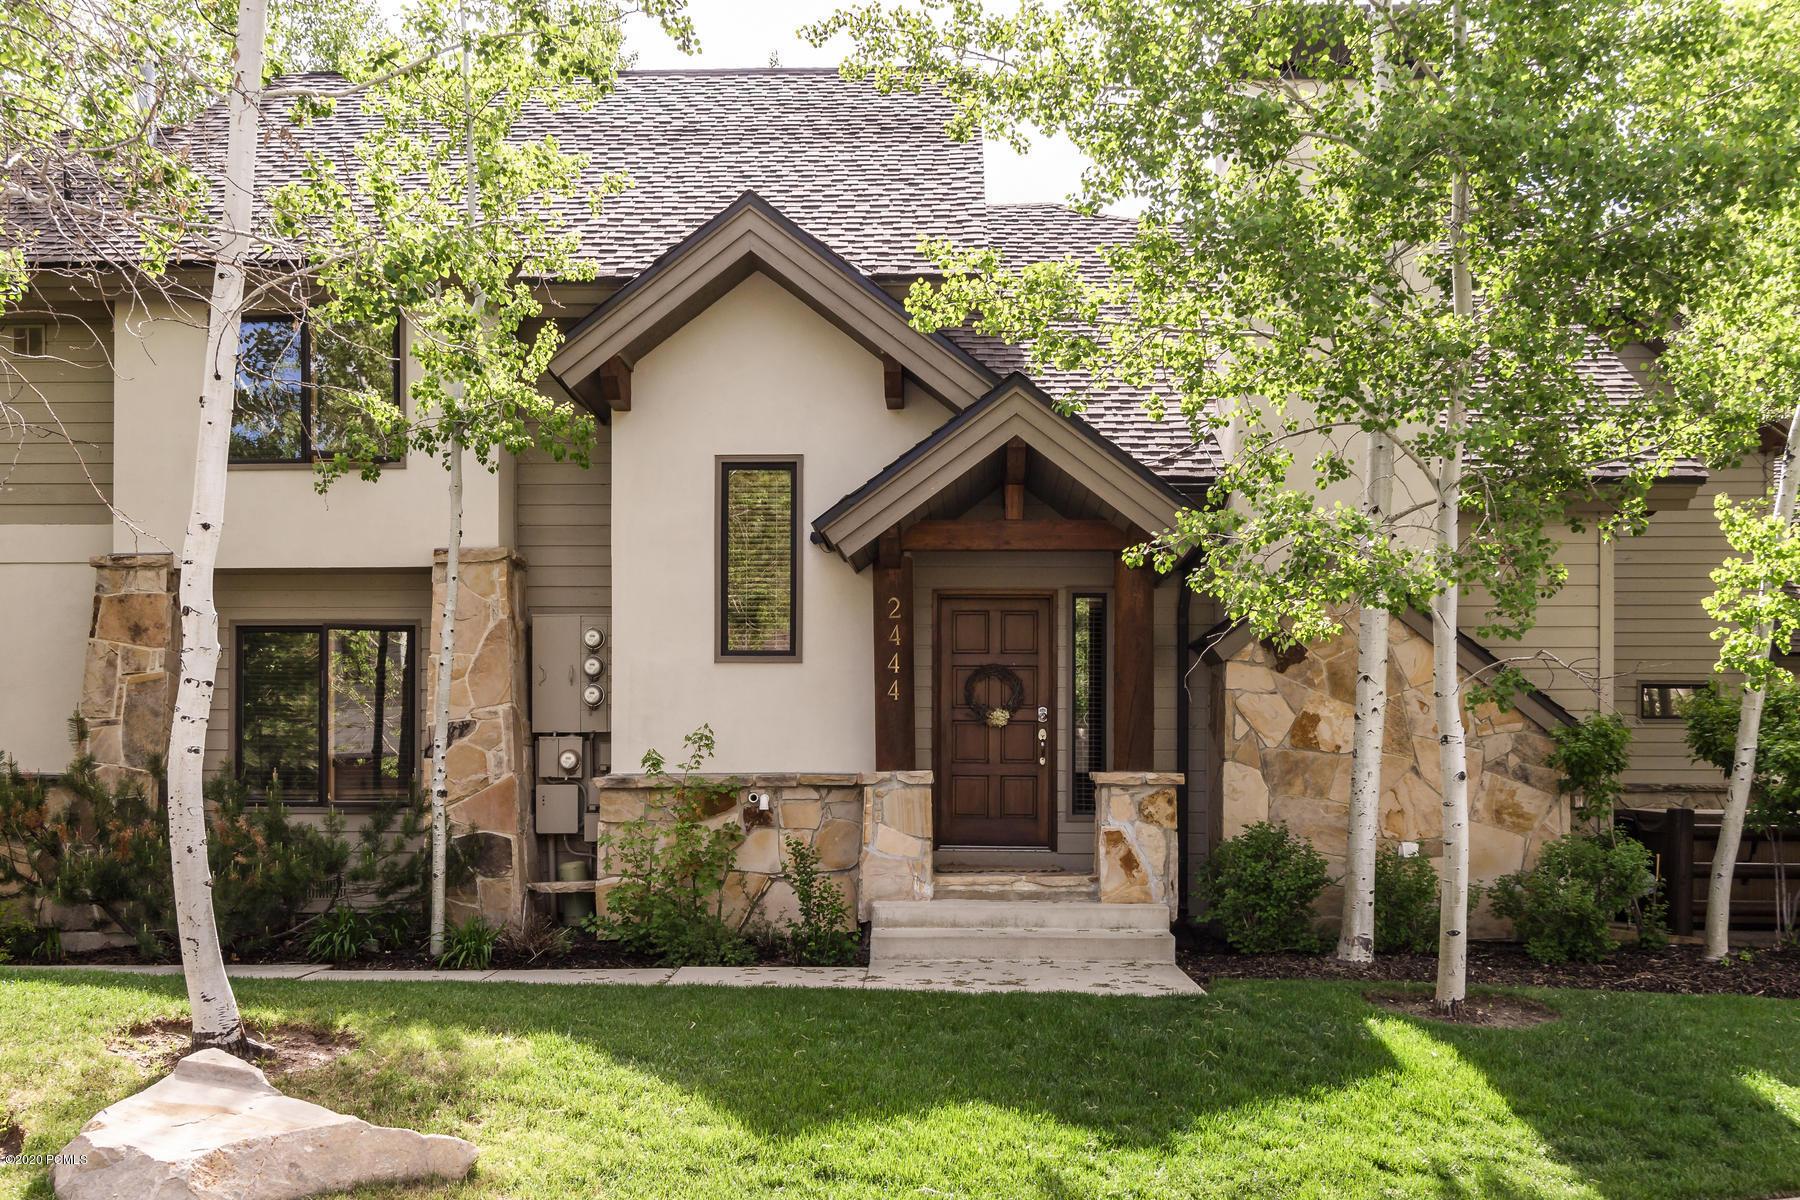 2444 Deer Lake Drive, Park City, Utah 84060, 4 Bedrooms Bedrooms, ,4 BathroomsBathrooms,Condominium,For Sale,Deer Lake,20190109112430415765000000